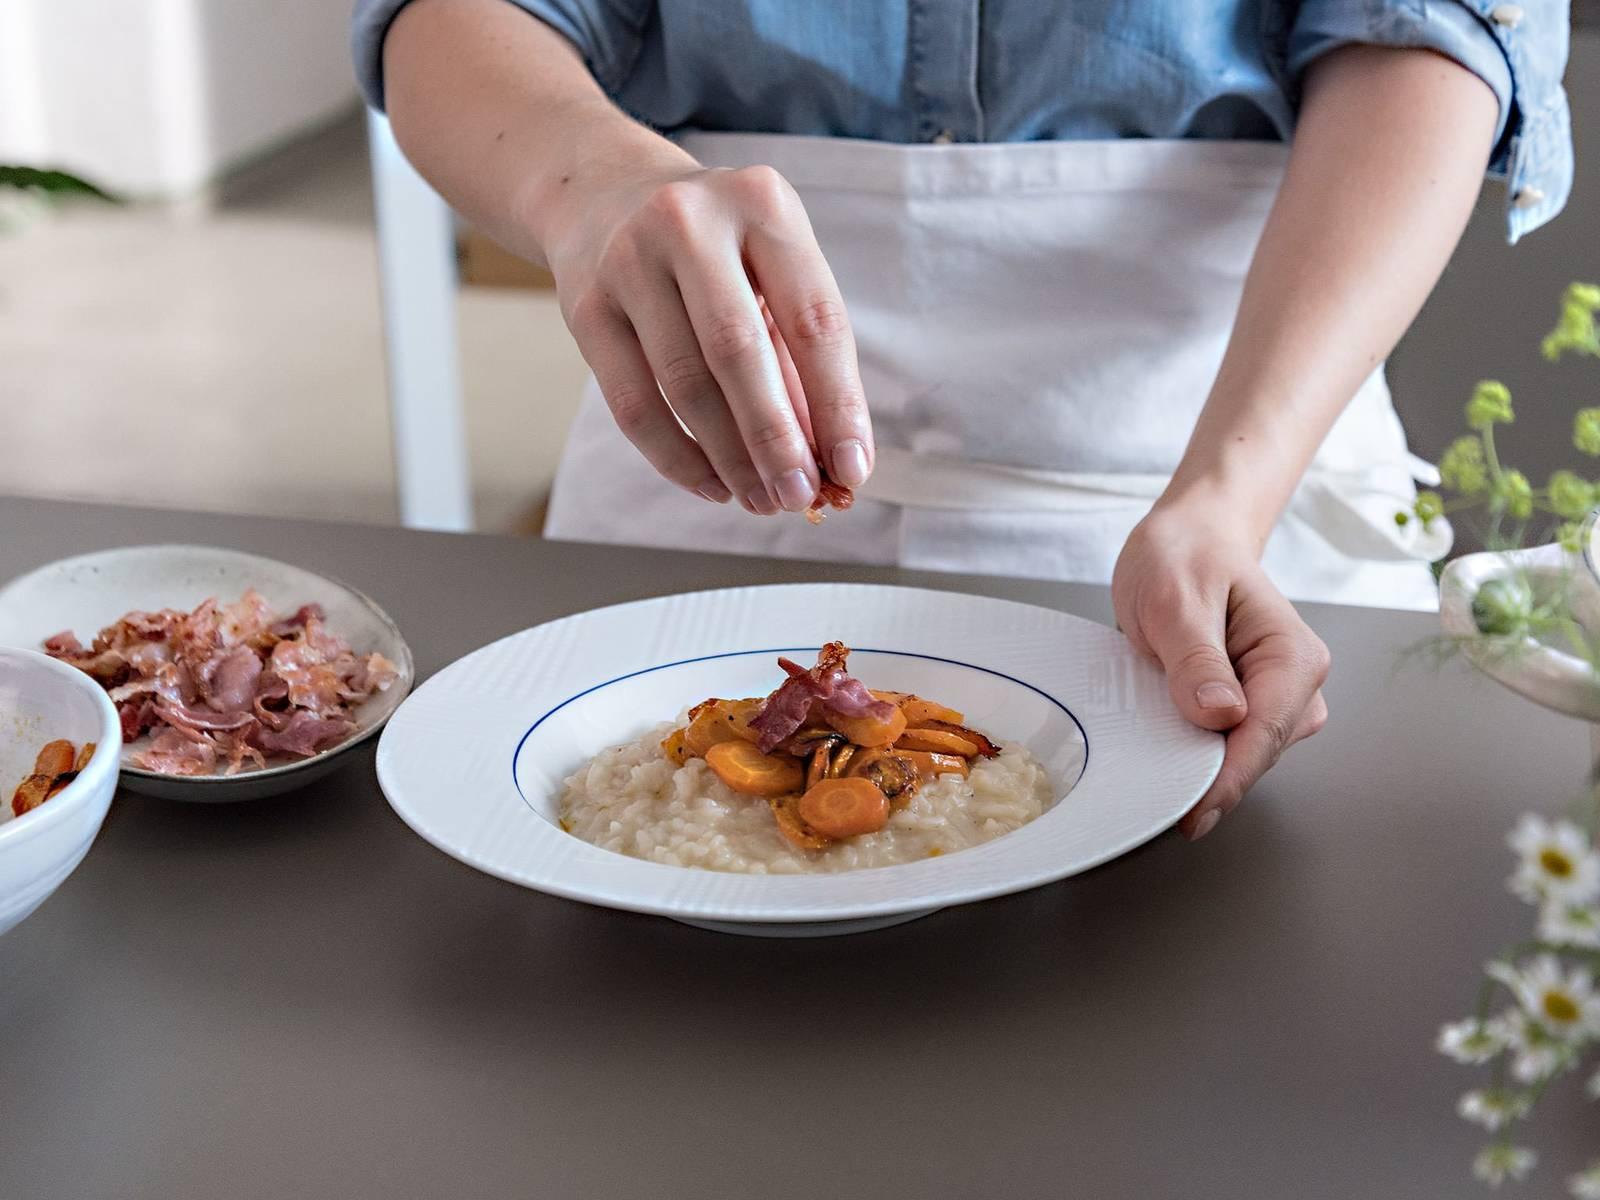 帕玛森干酪擦屑,拌入炖饭中。加入剩余的黄油,撒盐与胡椒调味。放上蜂蜜胡萝卜和培根,一同享用。祝好胃口!